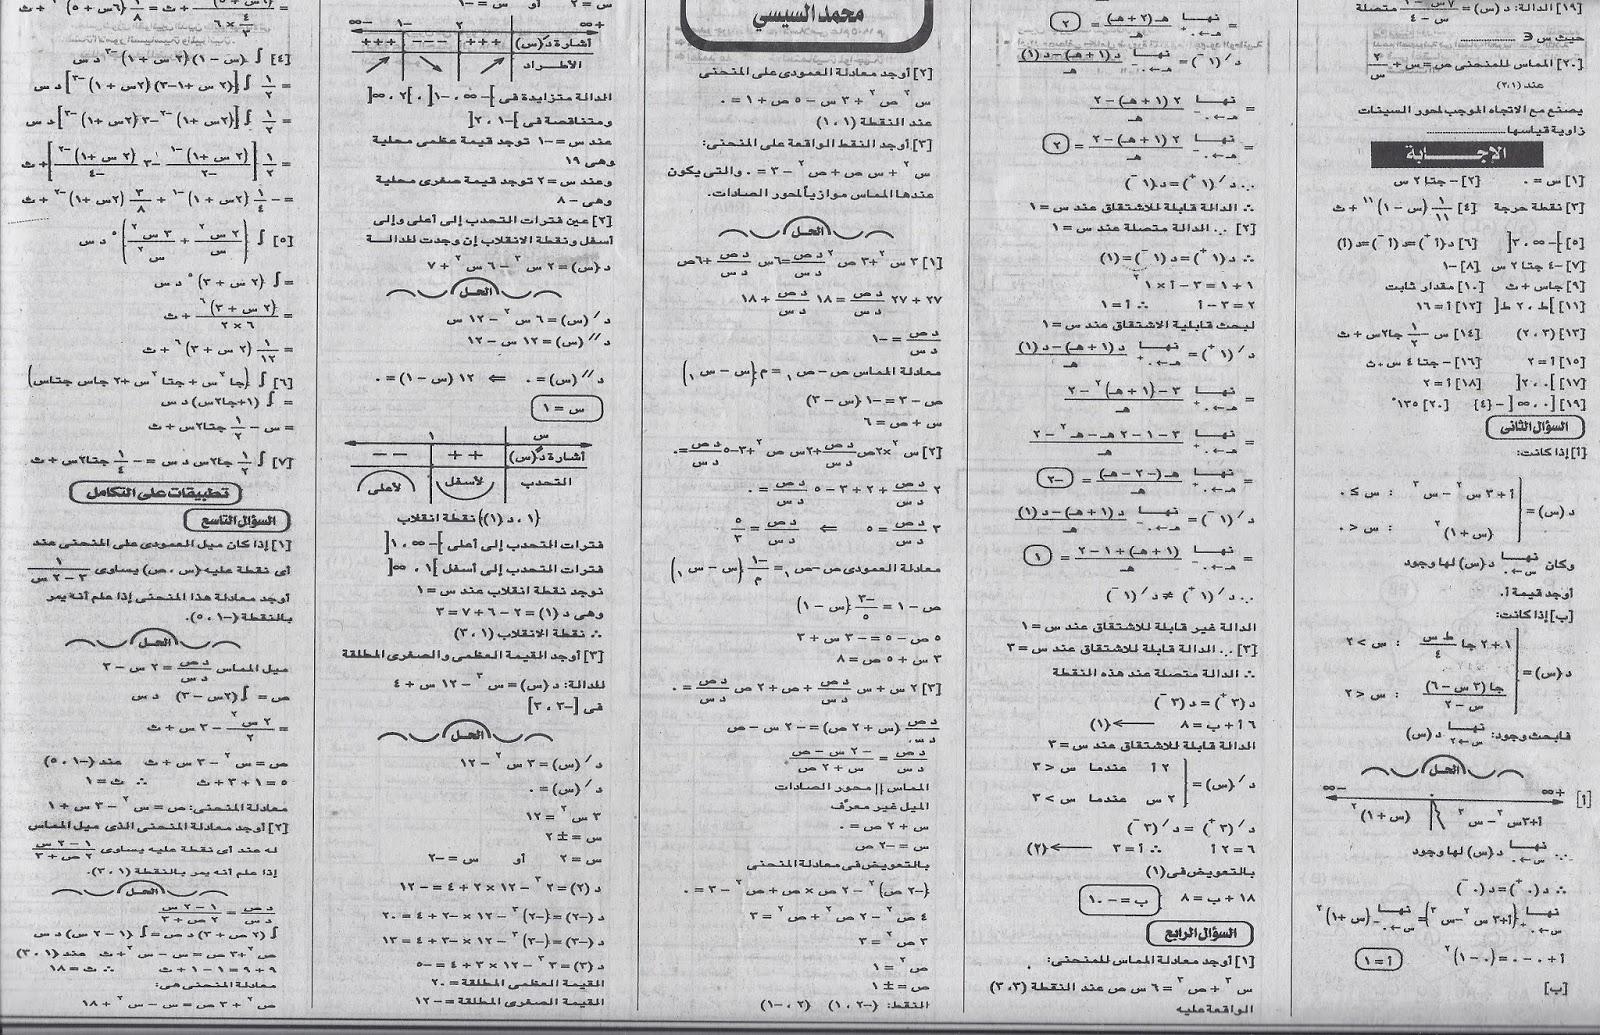 اسئلة امتحان التفاضل ثانوية عامة 2014 من ملحق الجمهورية التعليمى 18-6-2014